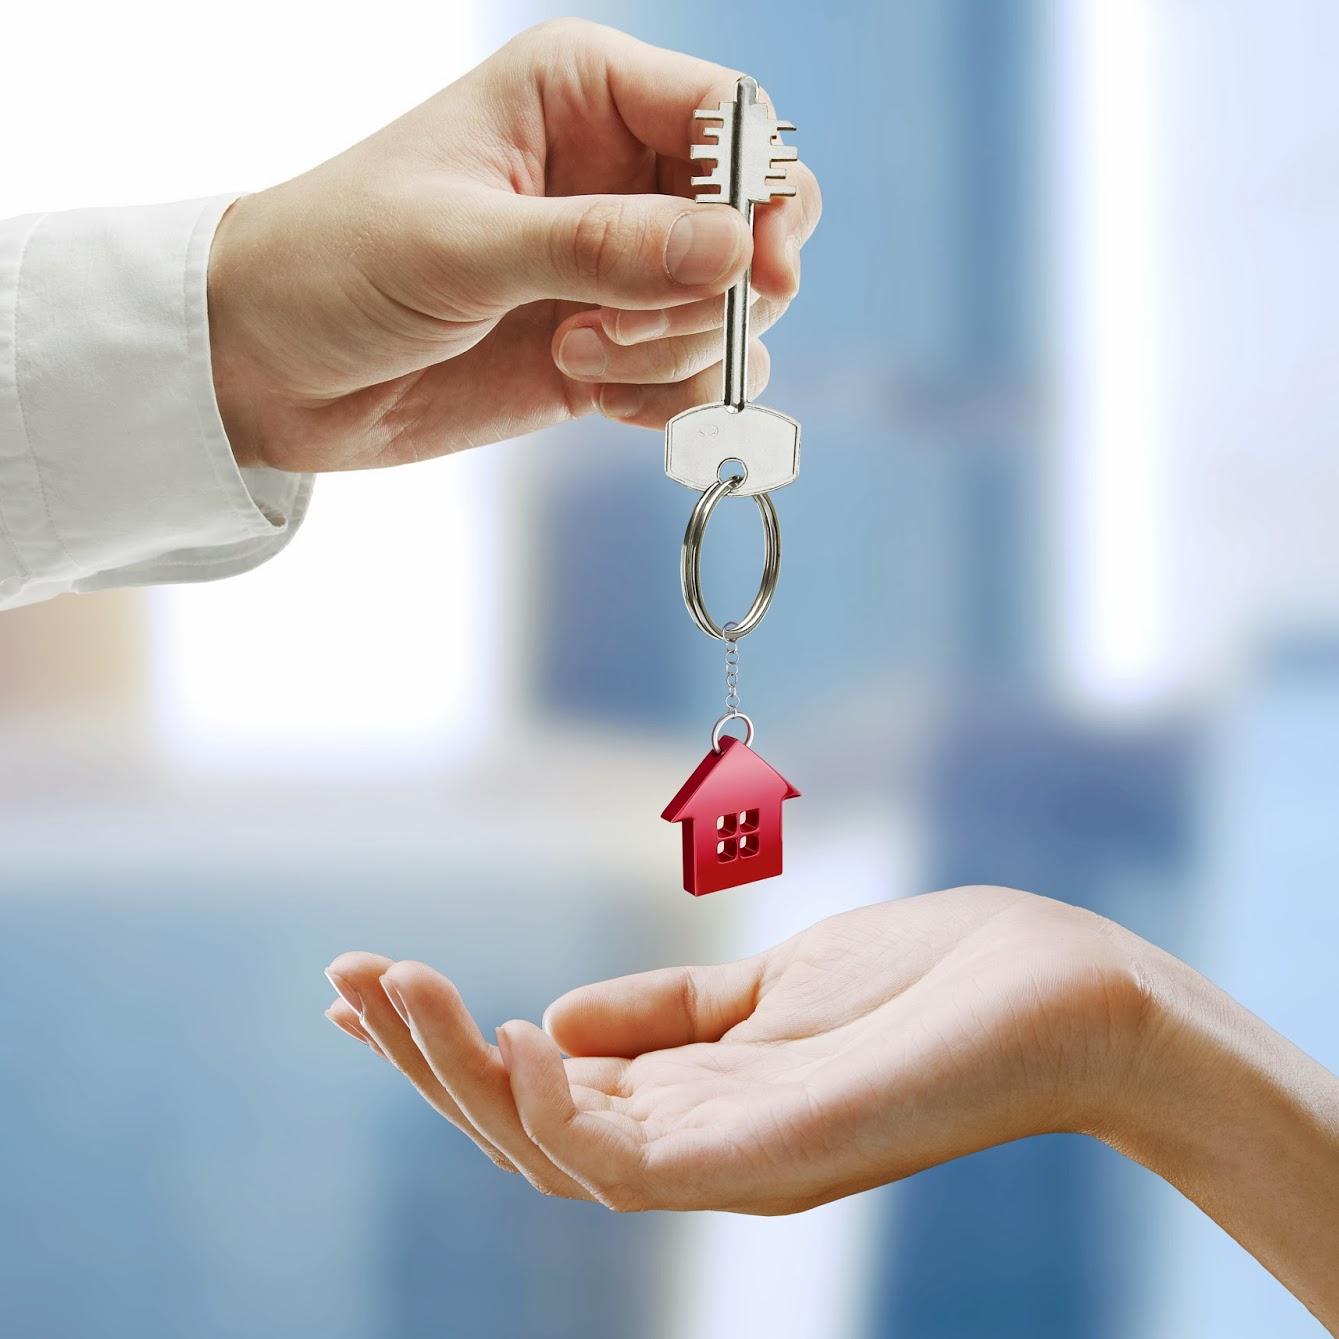 Ипотечный рынок показывает тенденцию к сокращению- Kapital.kz